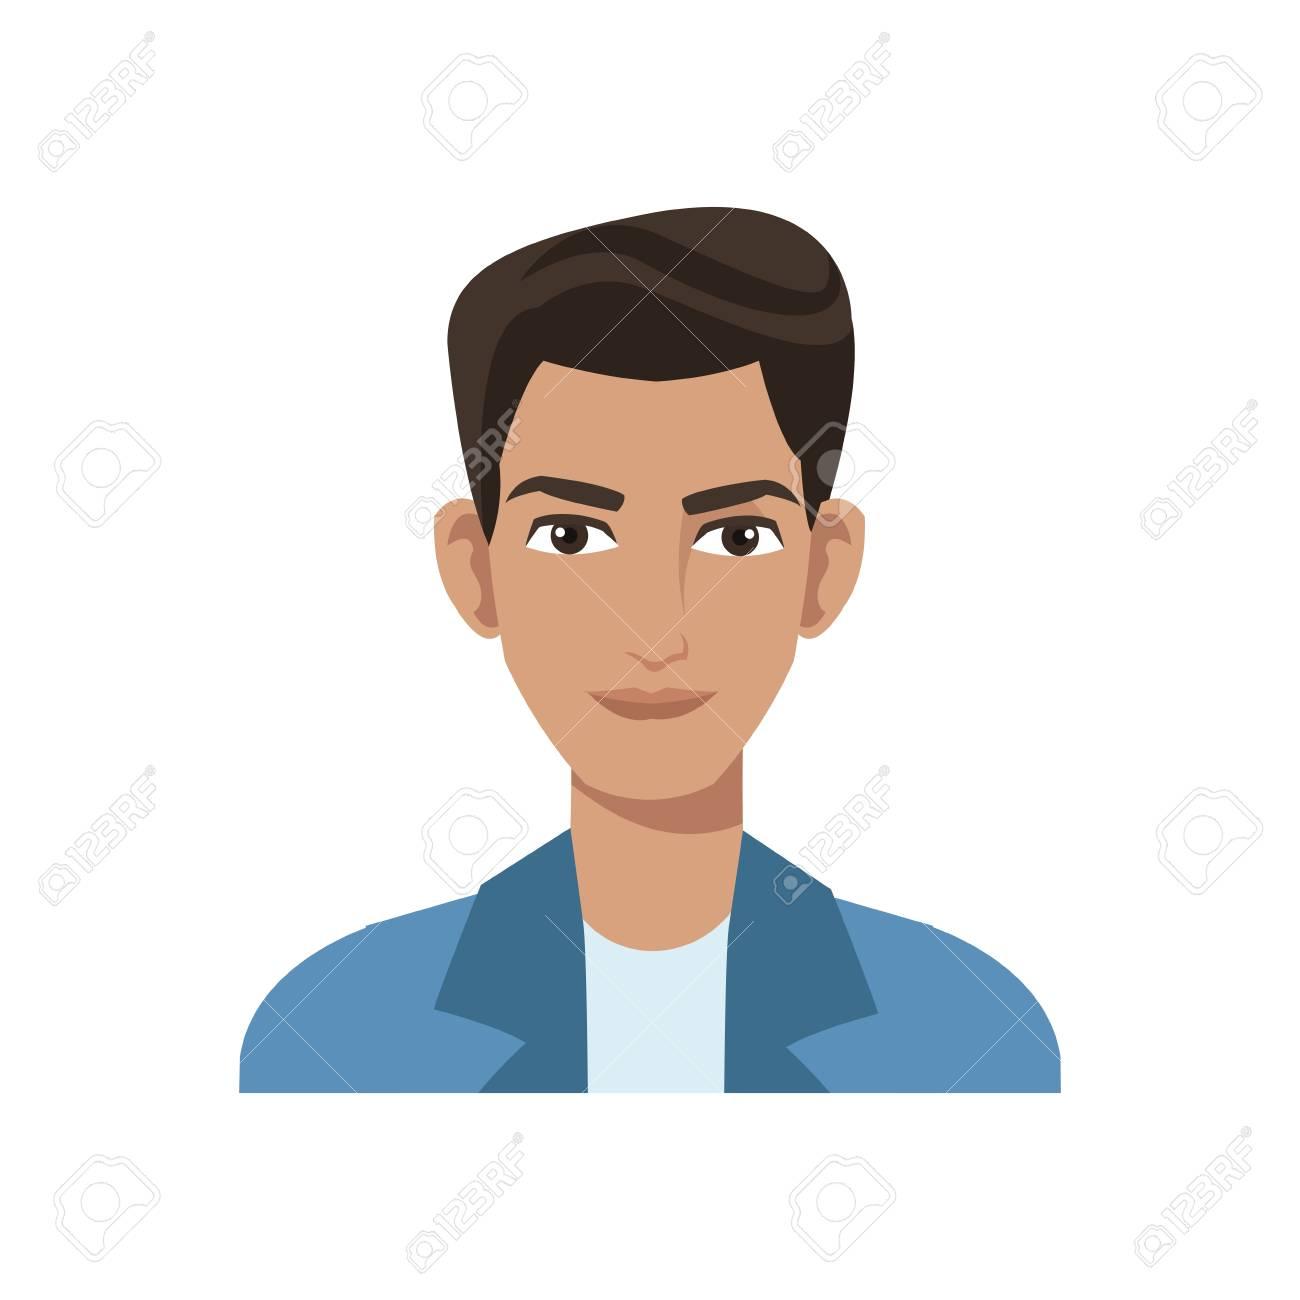 Looking guy cartoon